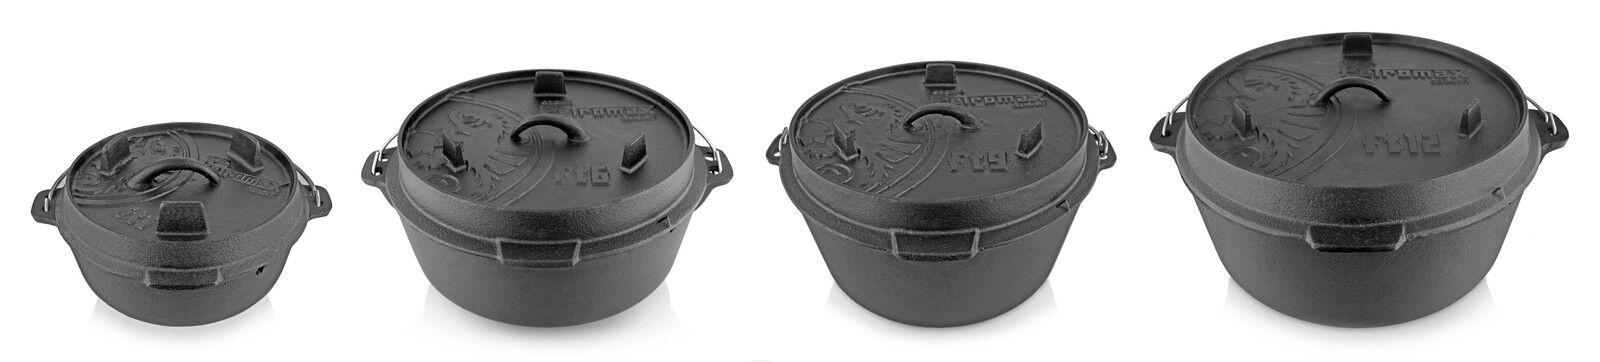 Petromax Dutch Oven OHNE  Füsse  NEU  OHNE 2,5 bis 15 Liter zur Auswahl c1bde3